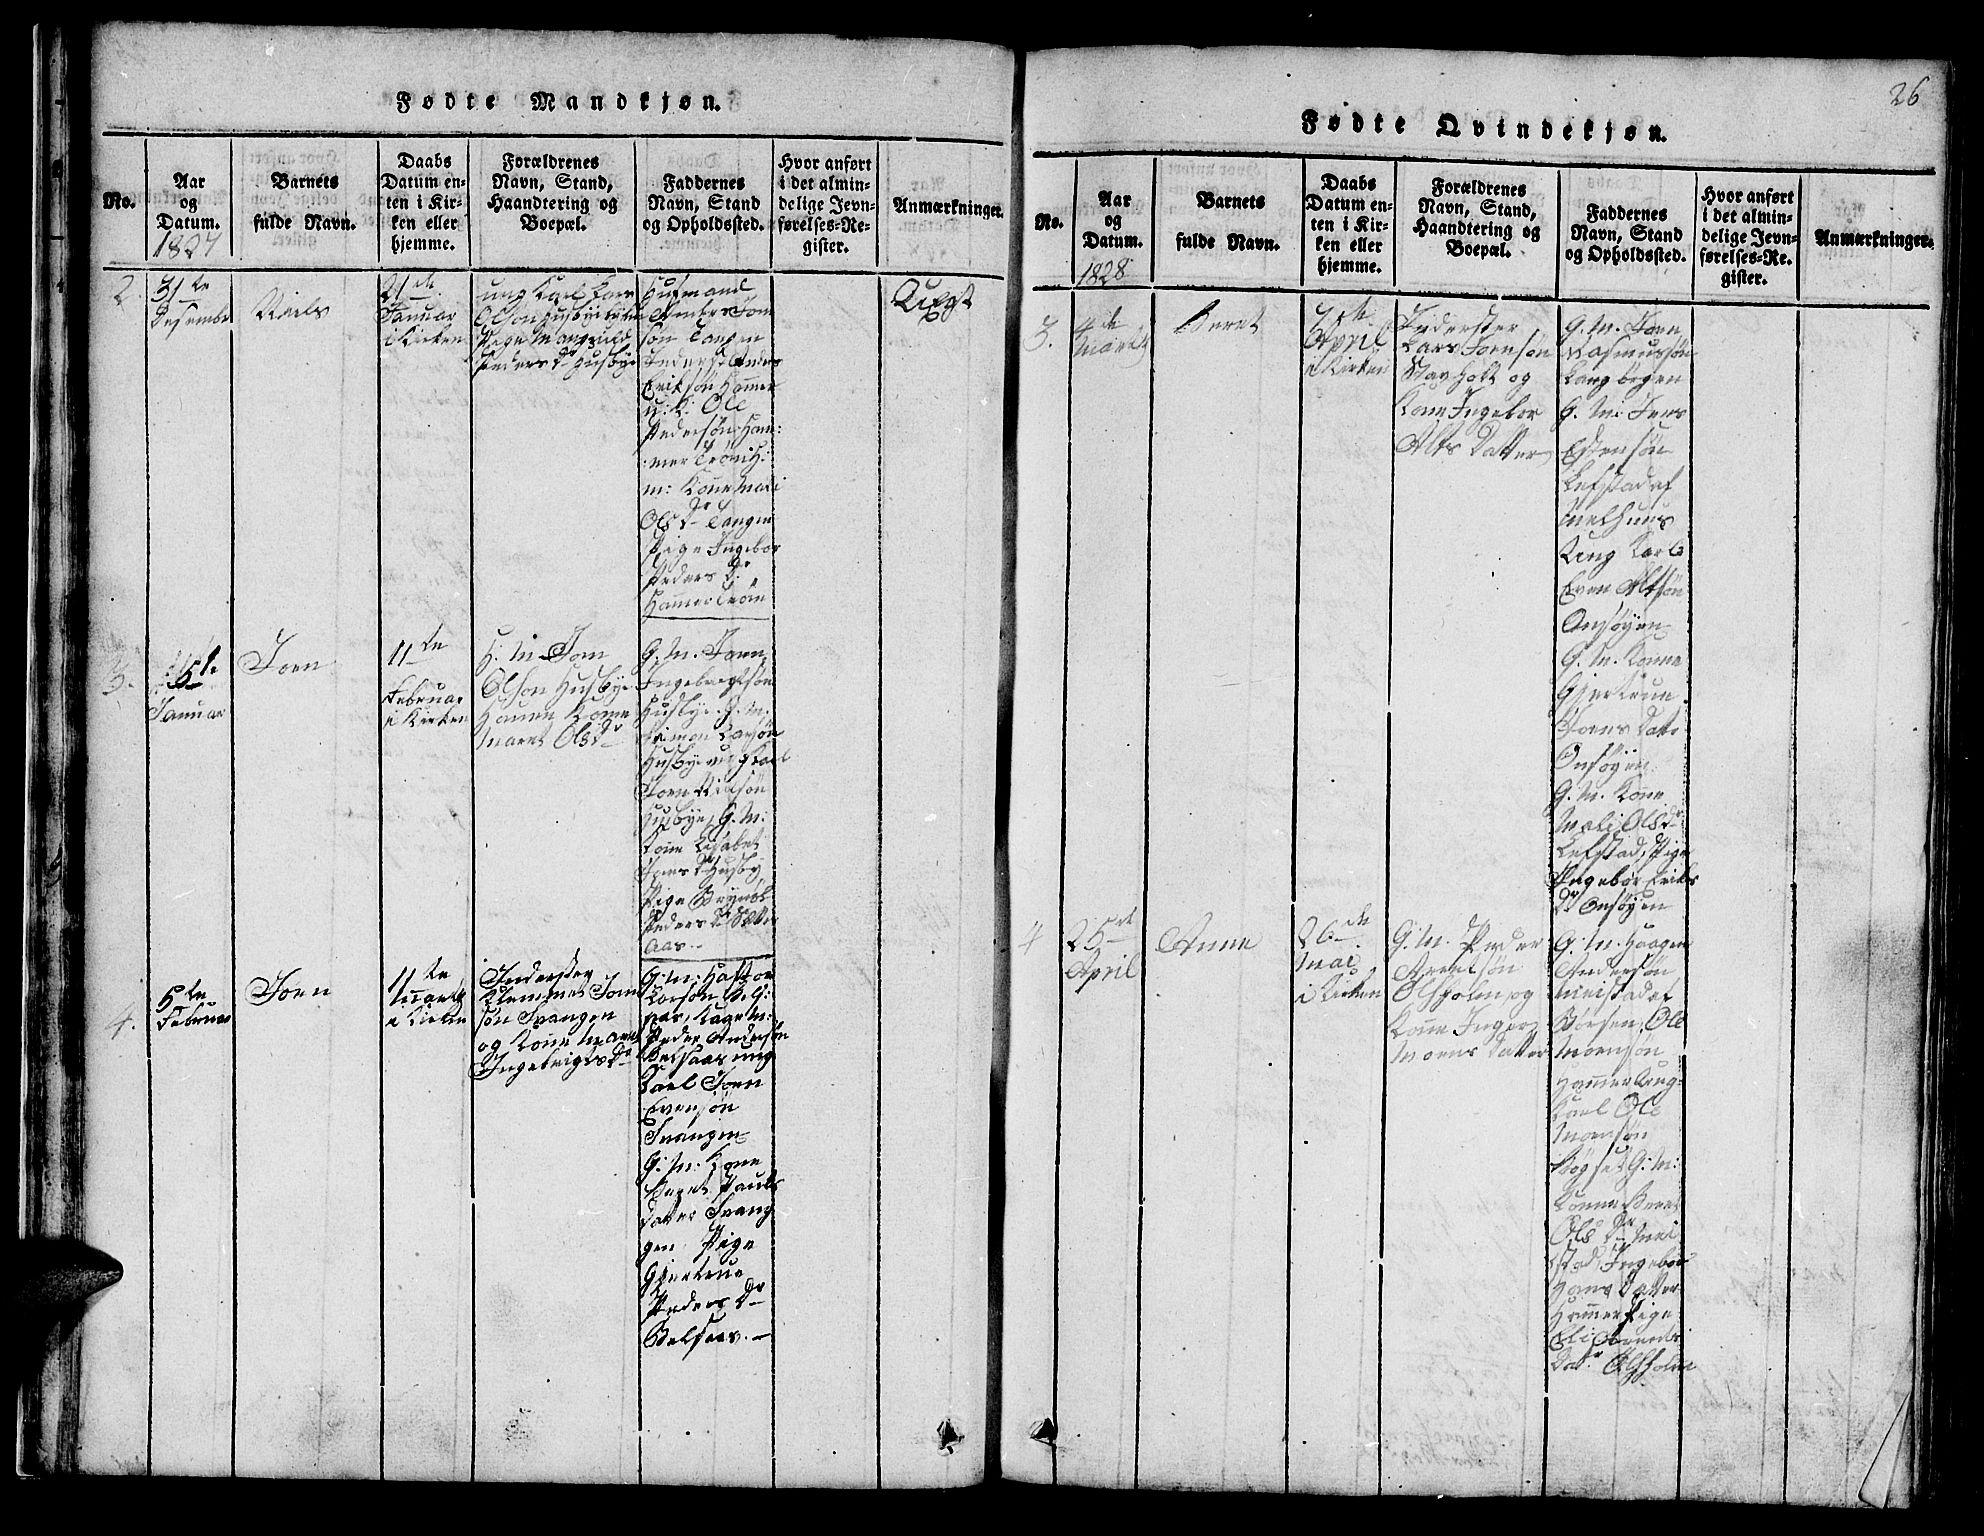 SAT, Ministerialprotokoller, klokkerbøker og fødselsregistre - Sør-Trøndelag, 666/L0788: Klokkerbok nr. 666C01, 1816-1847, s. 26